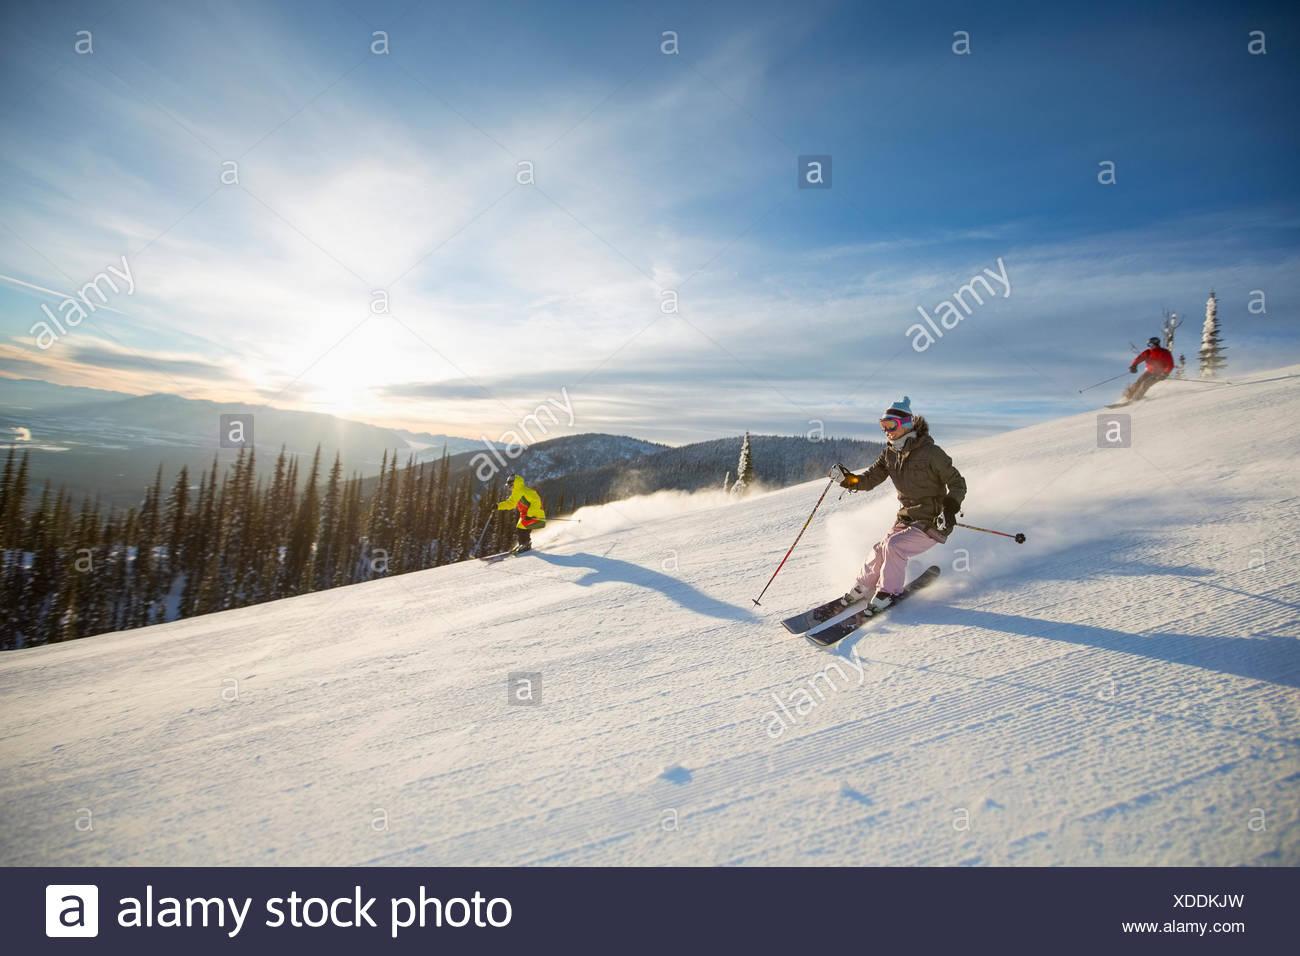 Tre persone sulla pista da sci al sole Immagini Stock